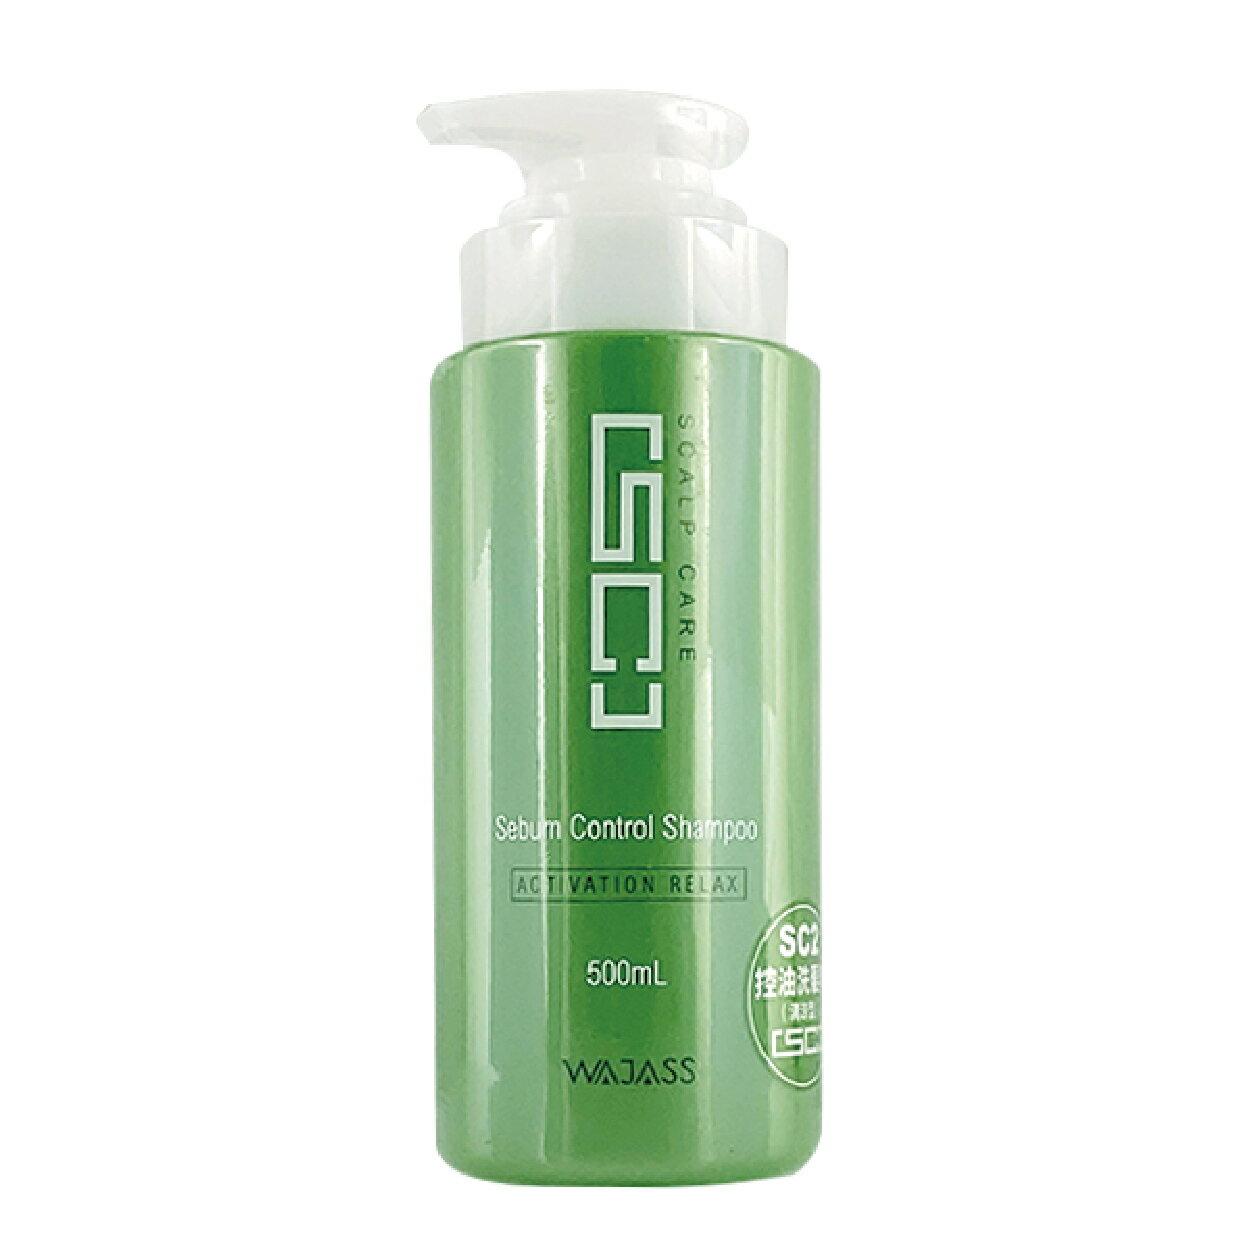 WAJASS威傑士 SC1無涼款  /  SC2控油(清涼型 ) /  SC3去屑  /  SC4毛囊淨化洗髮精500ml 2